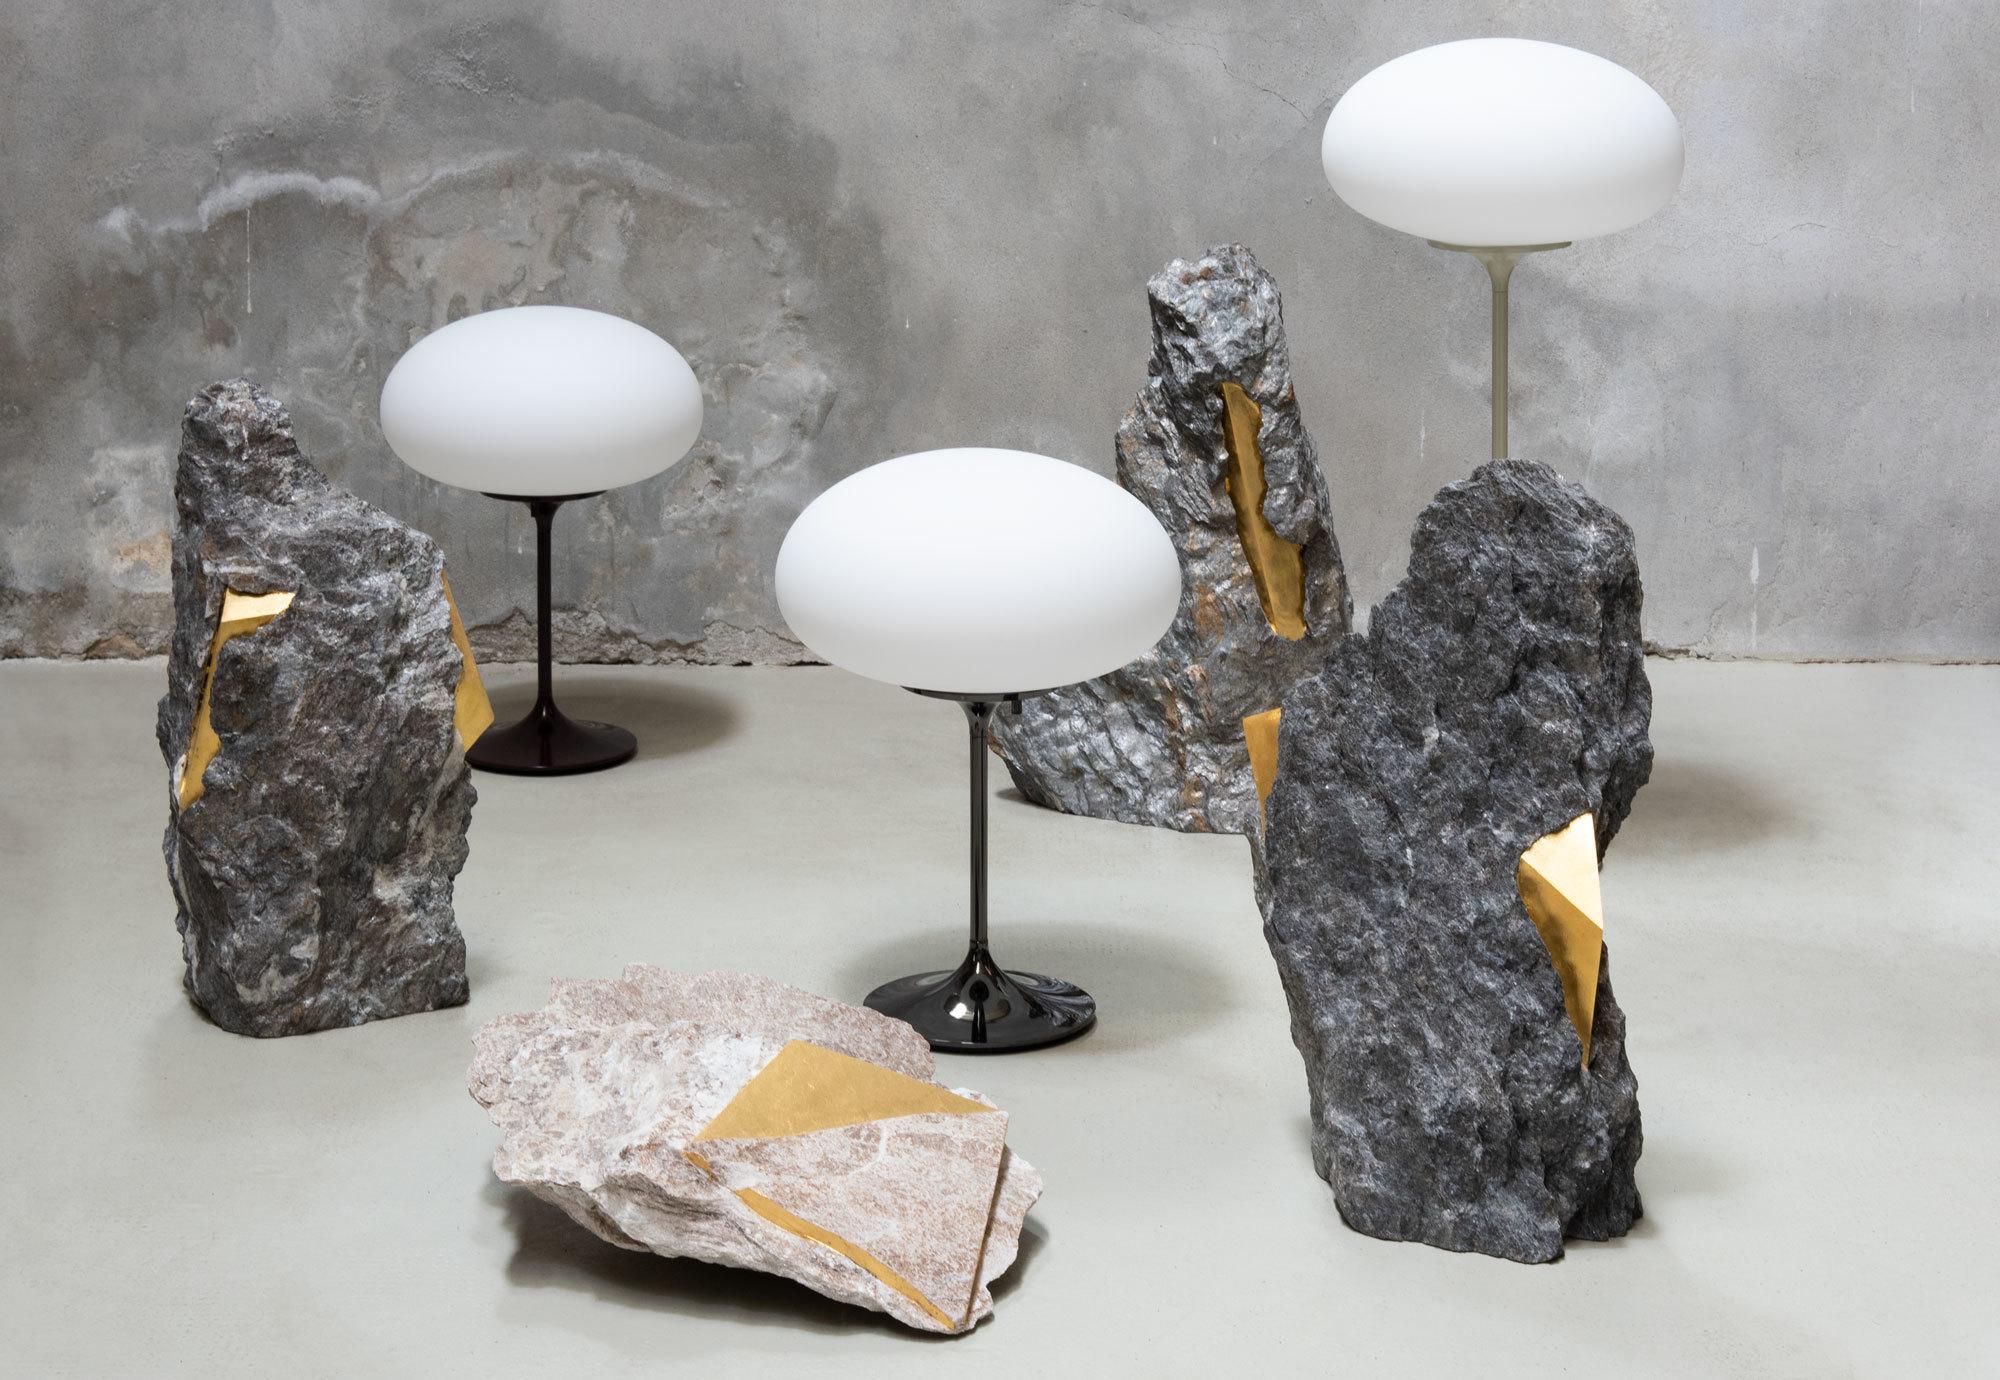 Die LeuchteStemlite de amerikanischen Designers Bill Curry von 1962 passte zur Aufbruchstimmung des Space Age. Foto: Gubi